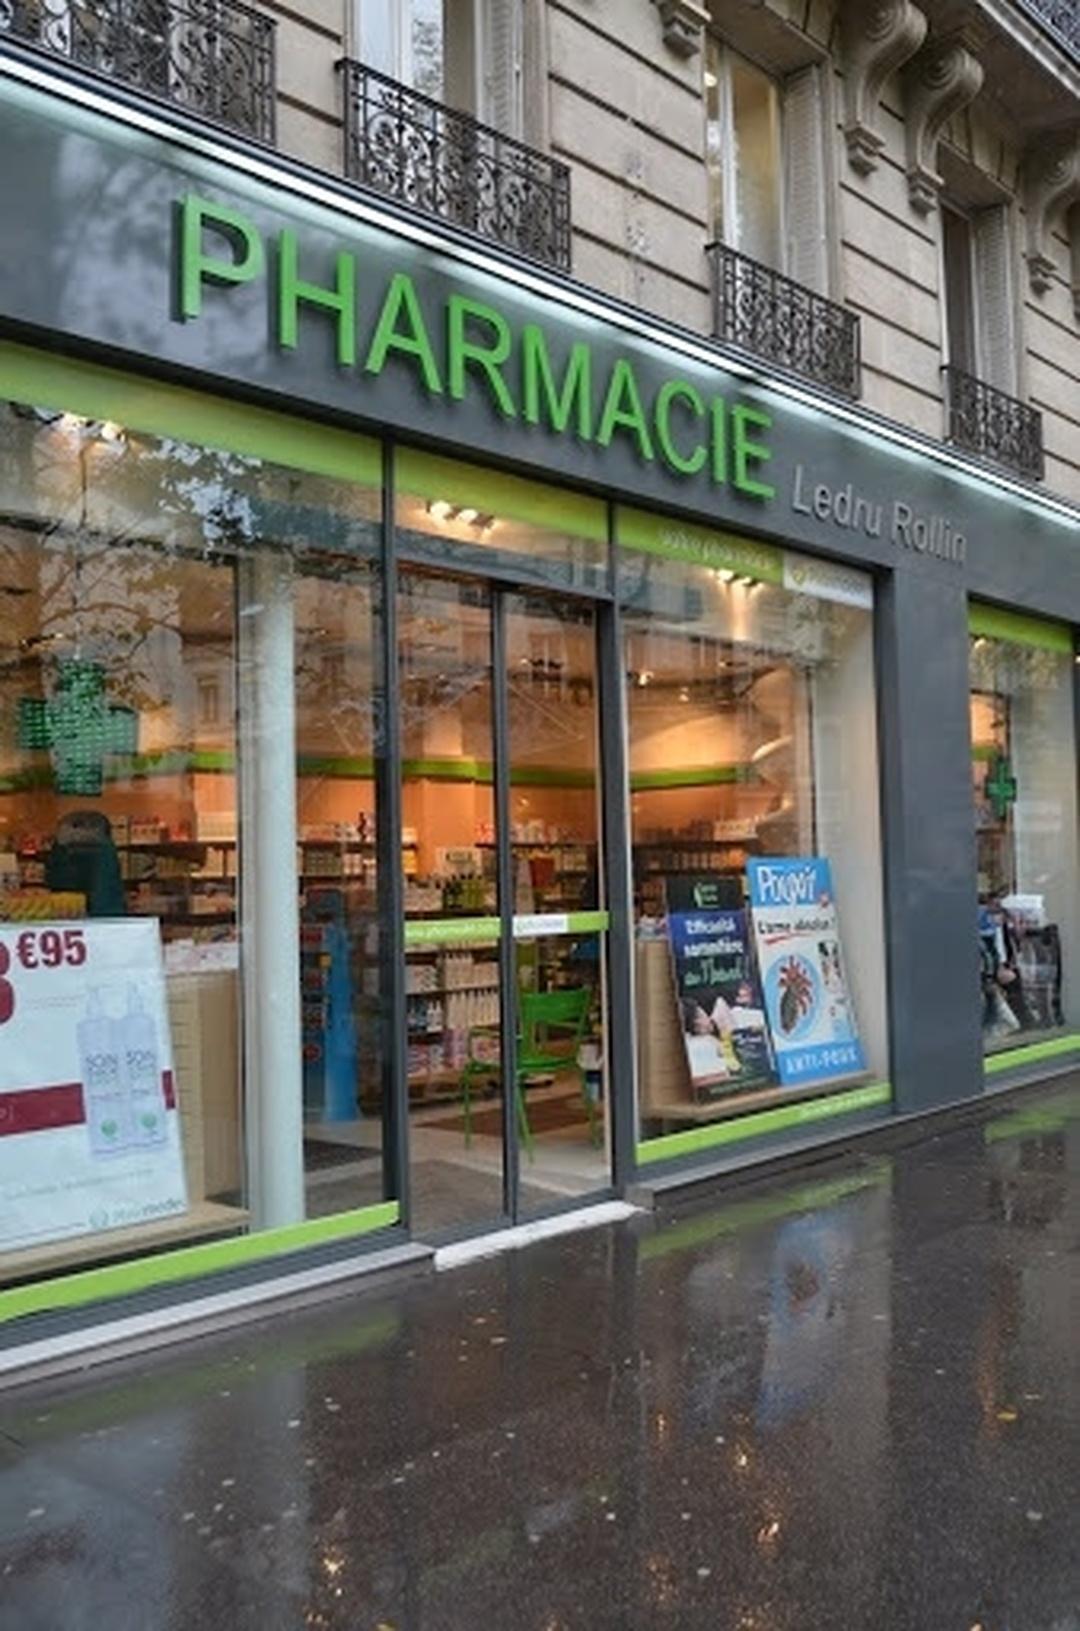 Pharmacie - Pharmacie Ledru Rollin , Paris